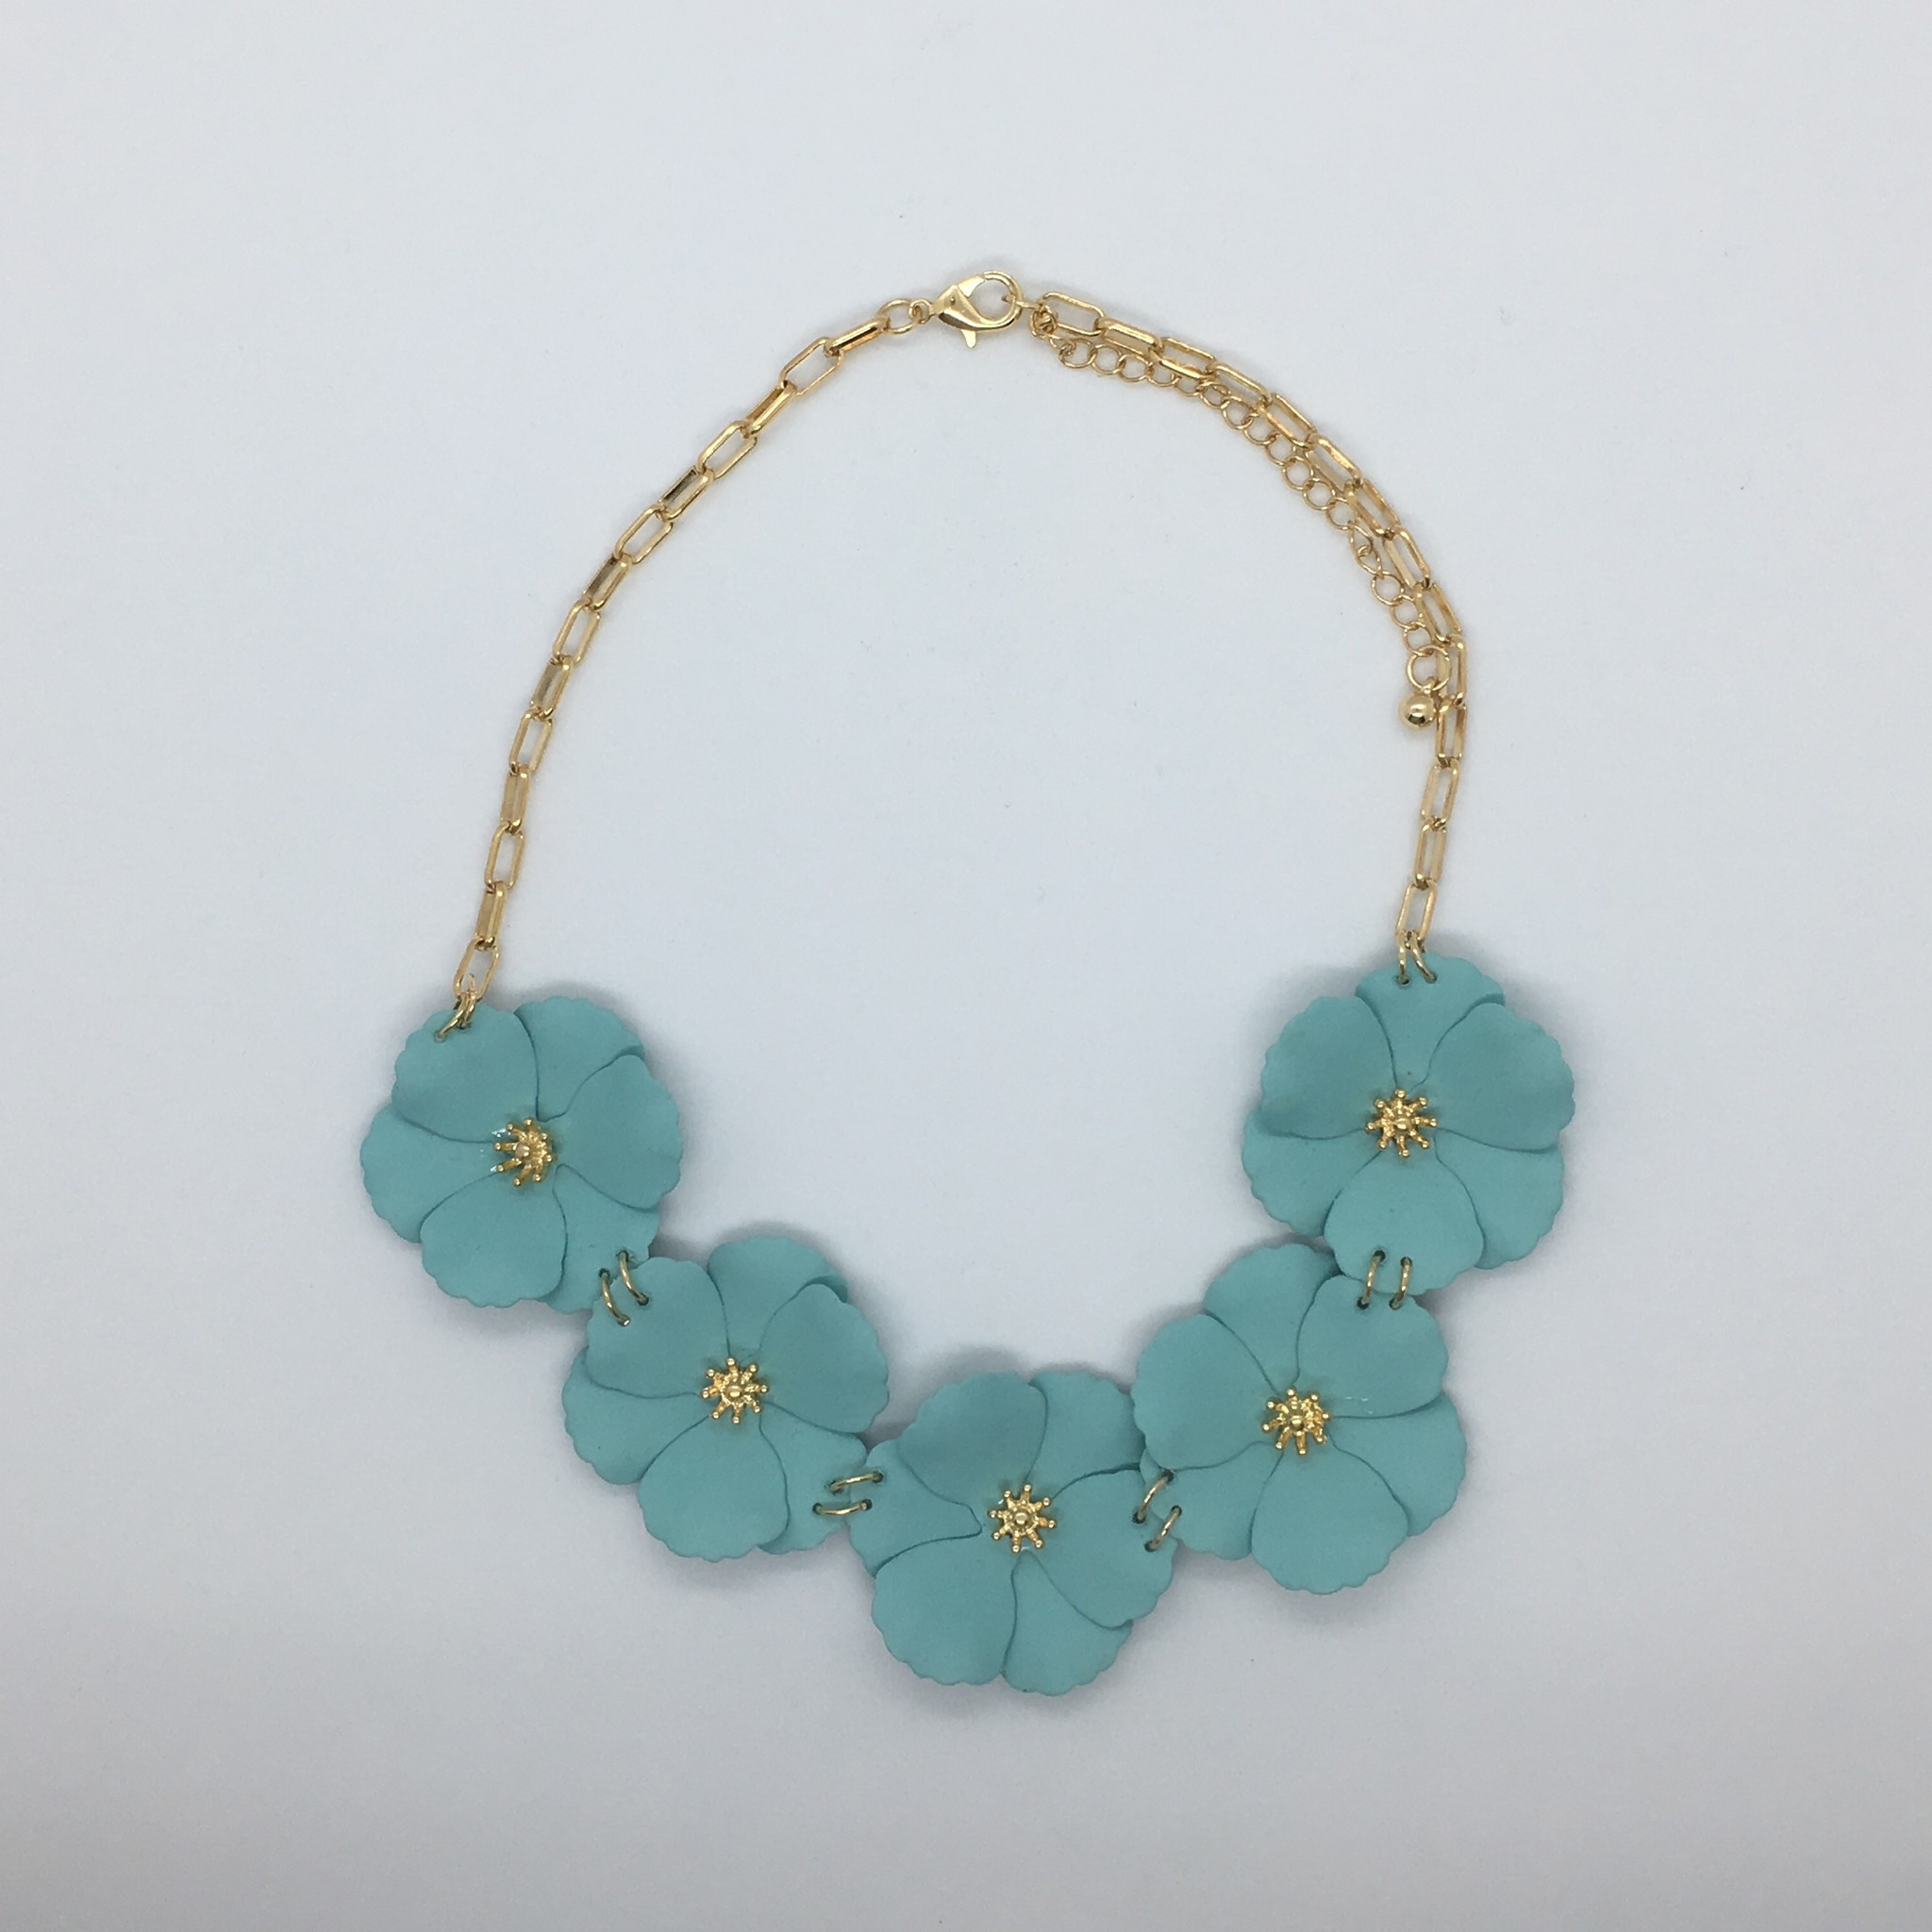 Sooley Designs Jasmine Flower Necklace